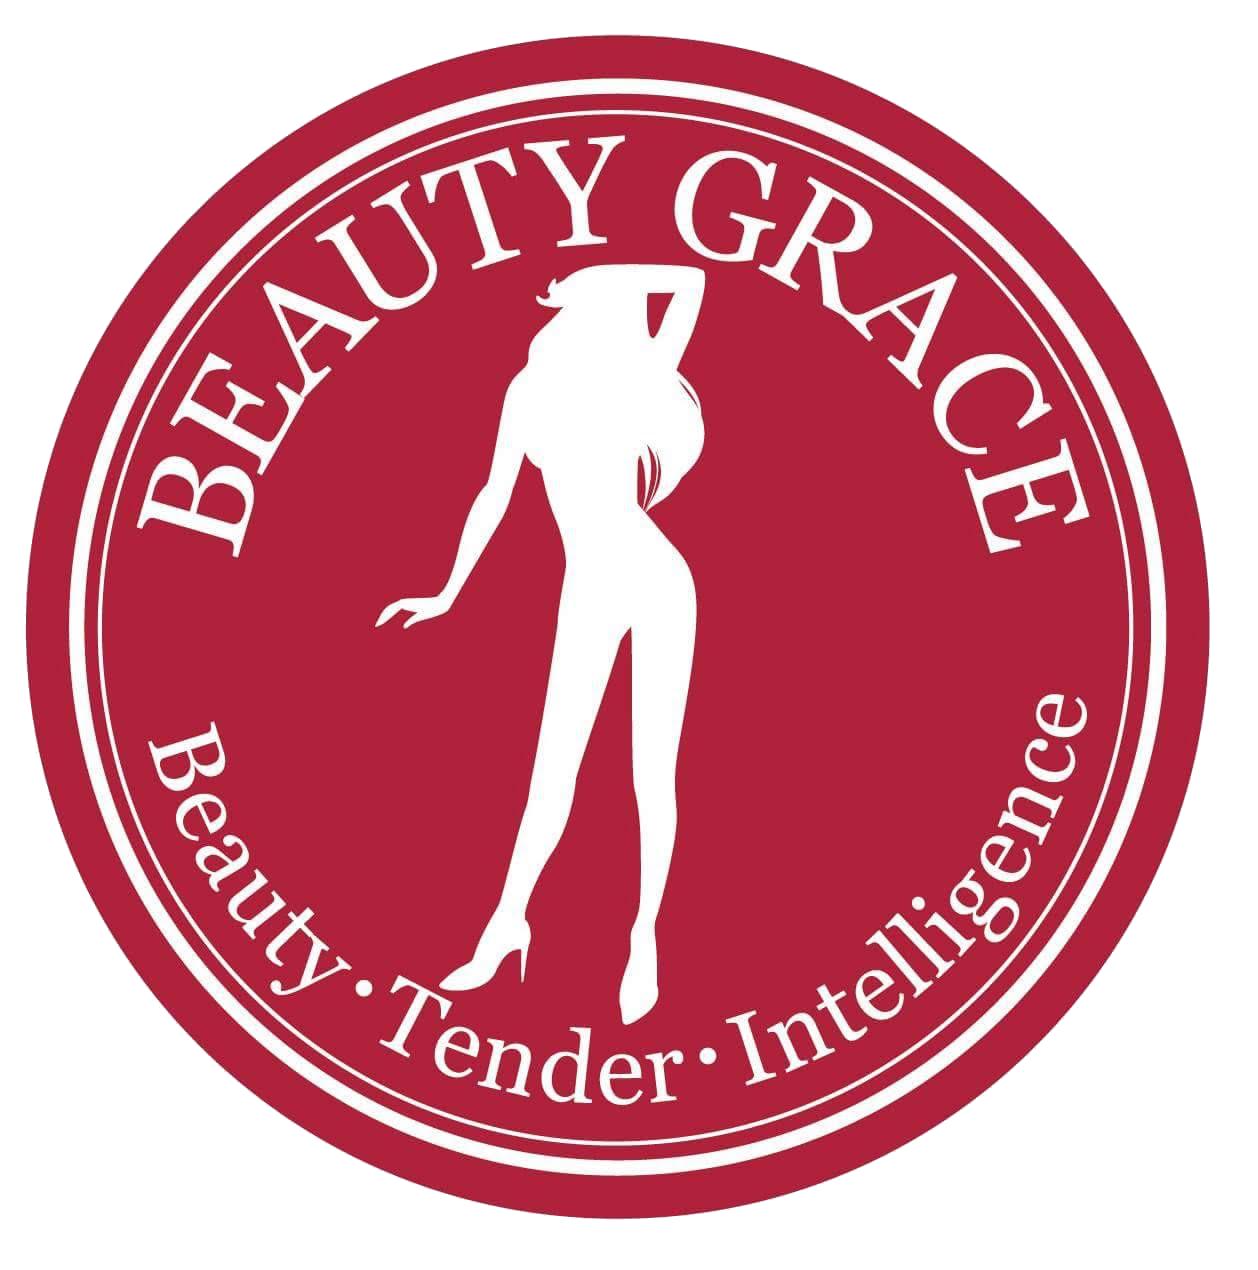 ビューティグレース|女性磨きのための講座・資格取得アカデミーシンボルマーク